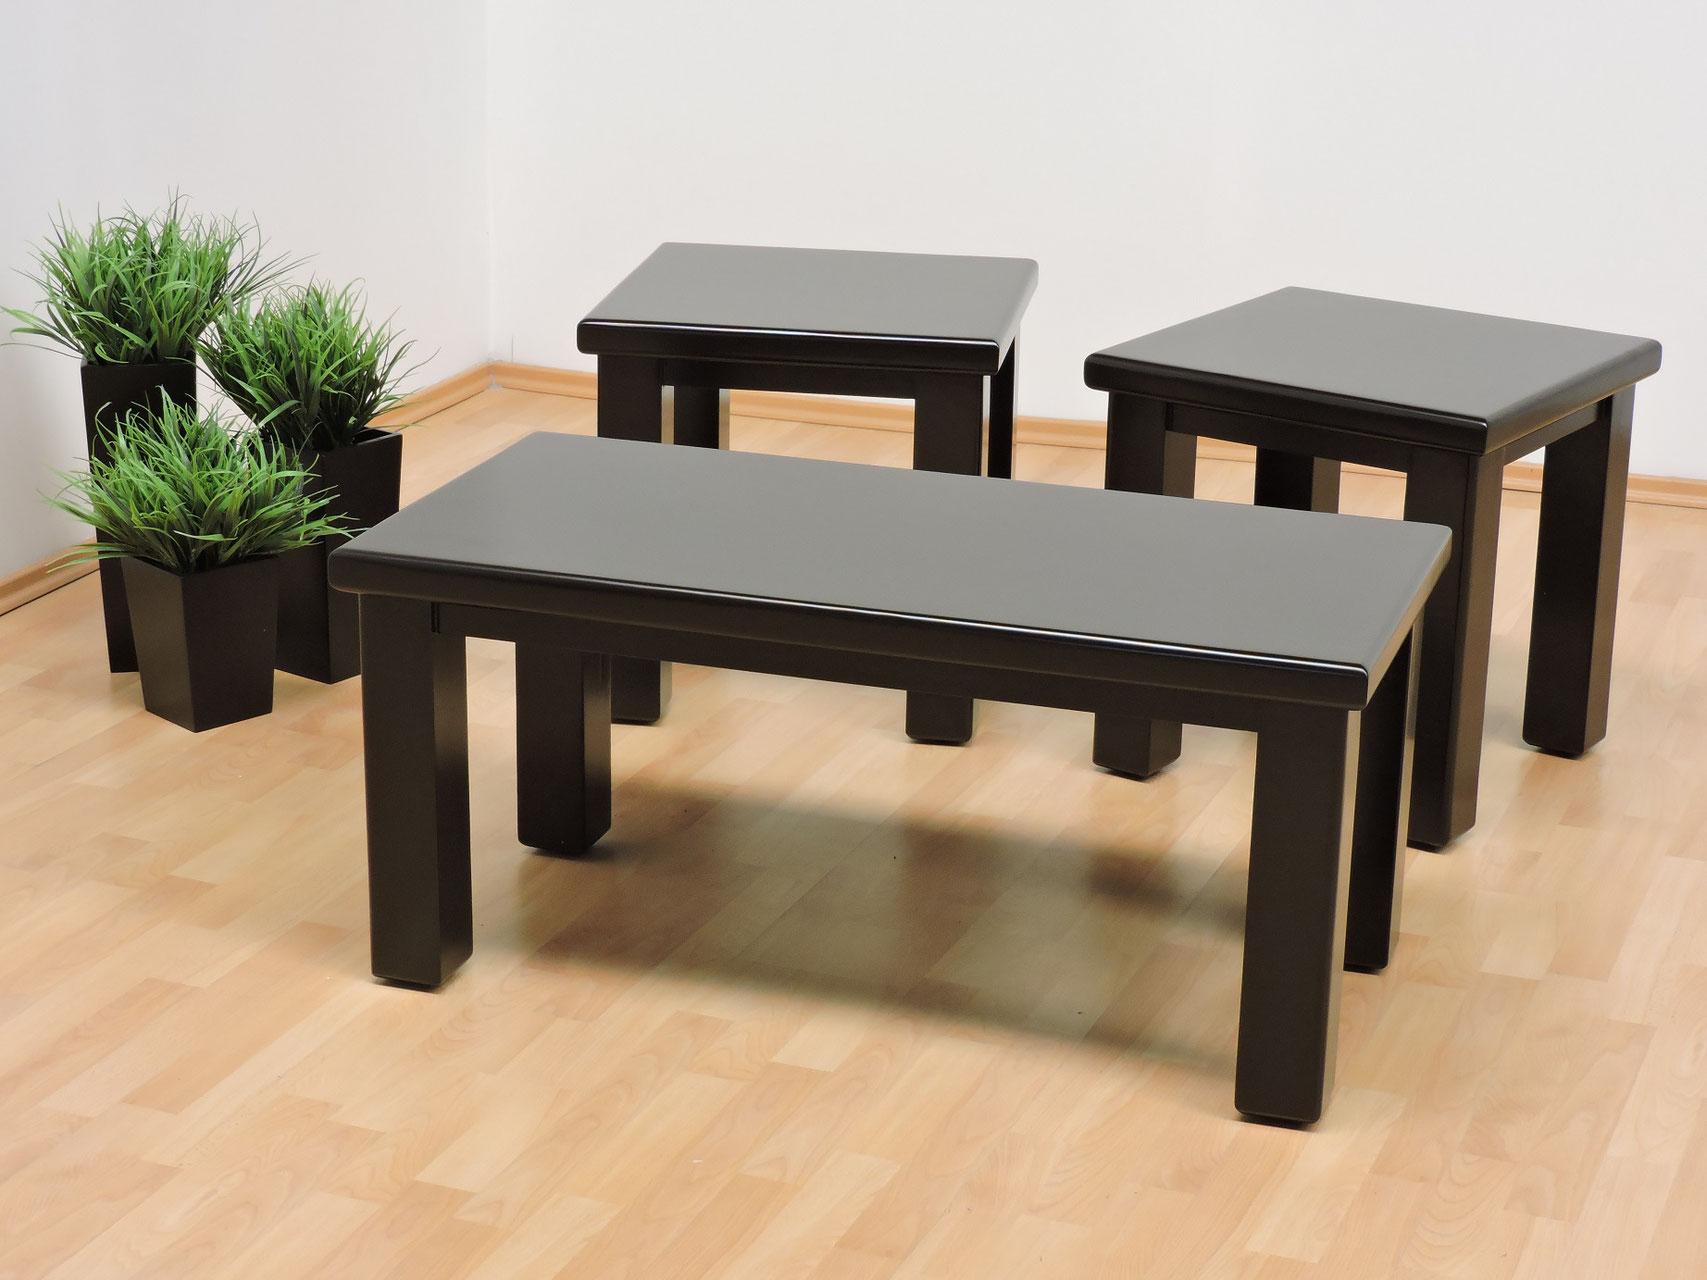 Mesas para sala muebles gm muebles de madera for Juego de sala precios